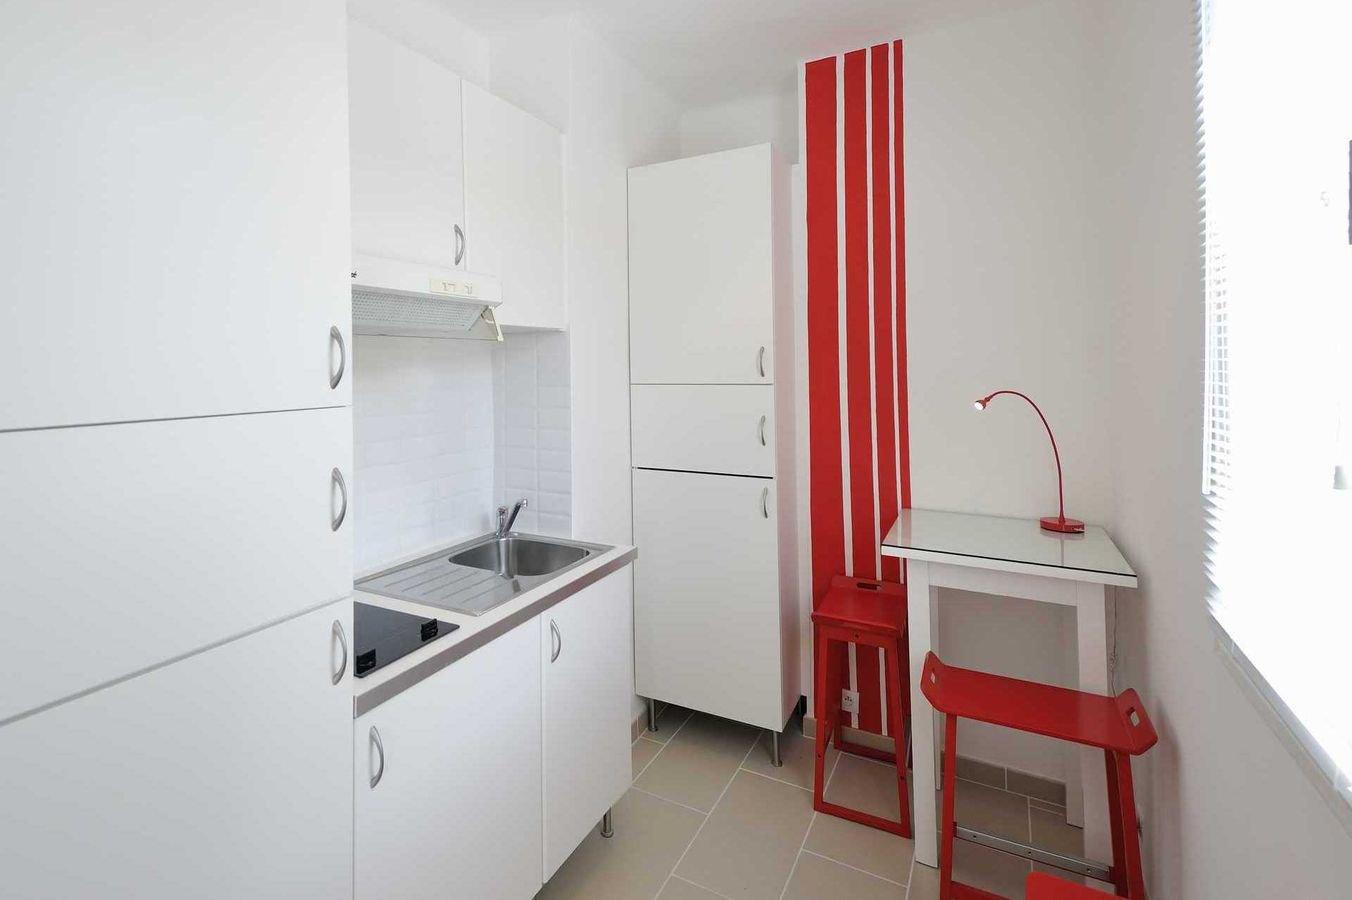 Vente appartement cozy meublé - Arles centre historique